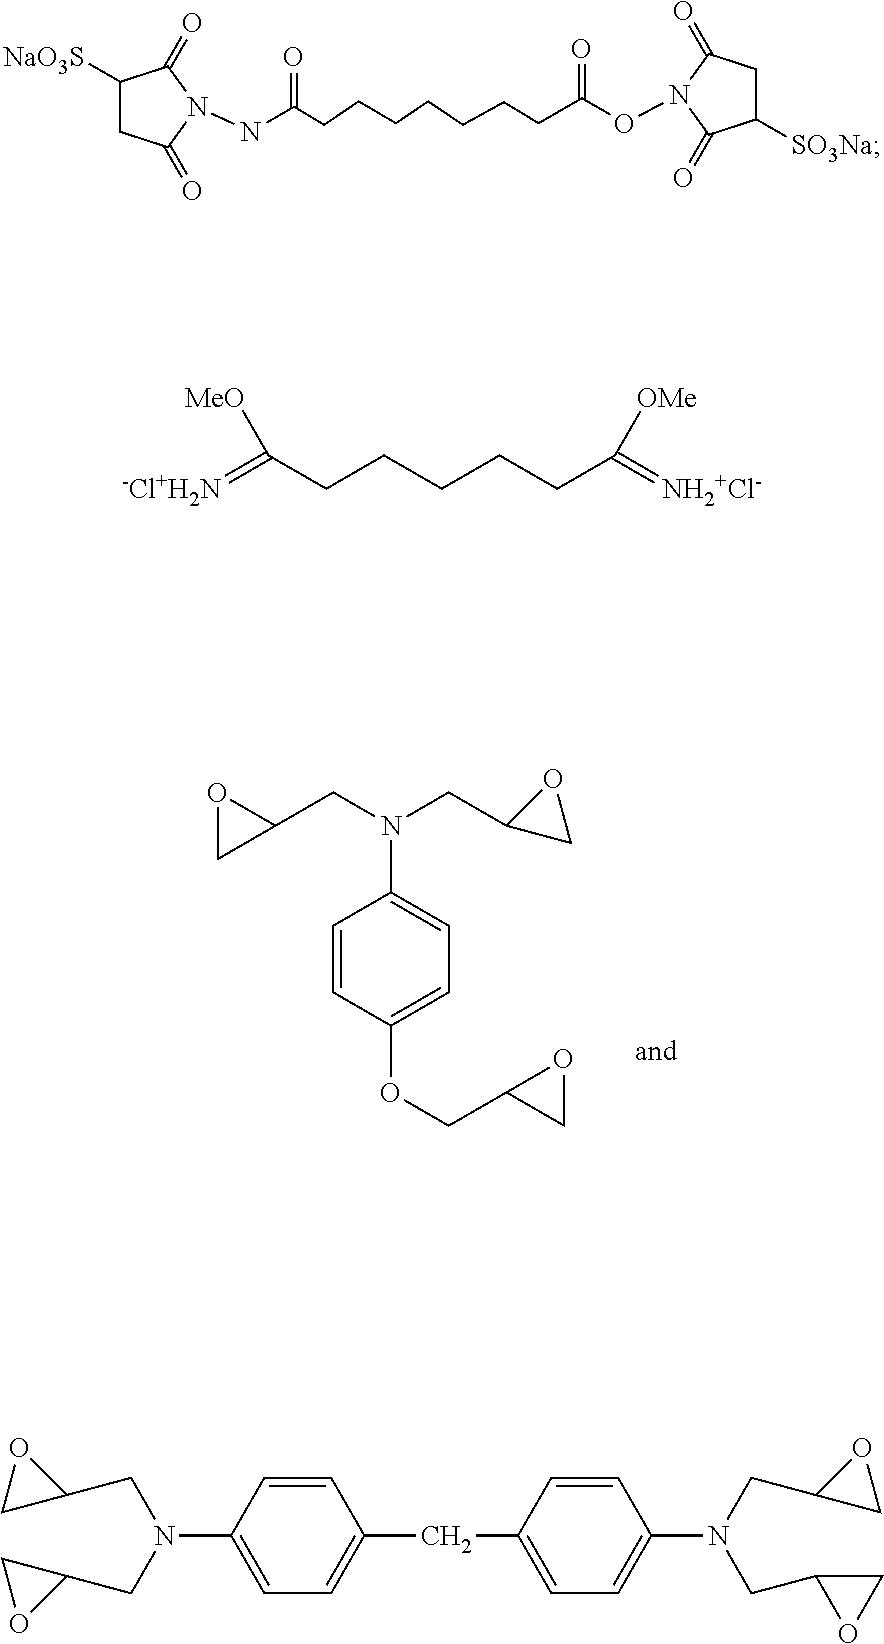 Figure US09914952-20180313-C00001